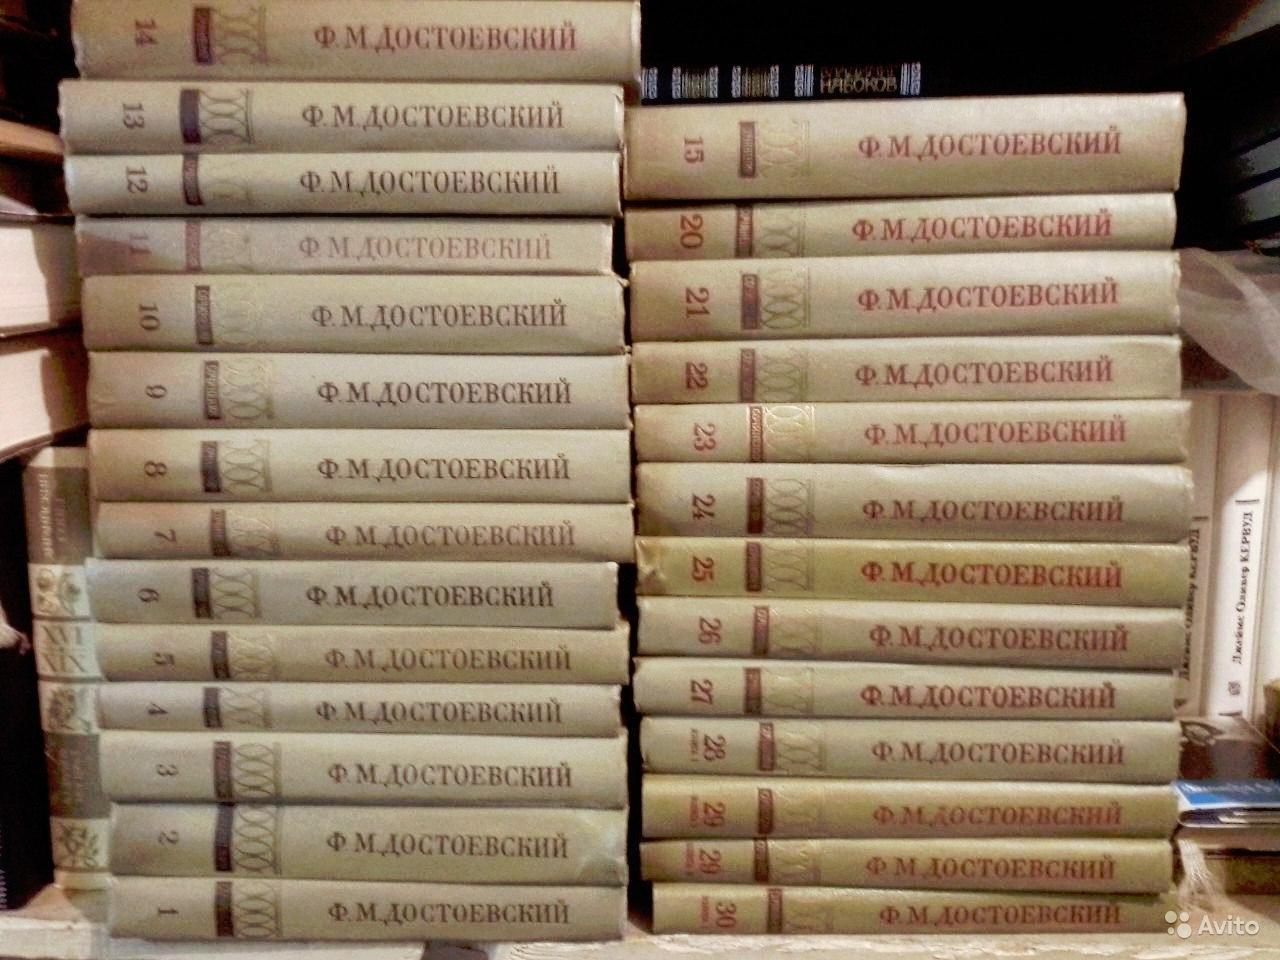 Полные собрания сочинений русских классиков, изданные ИРЛИ РАН, выложены в сеть